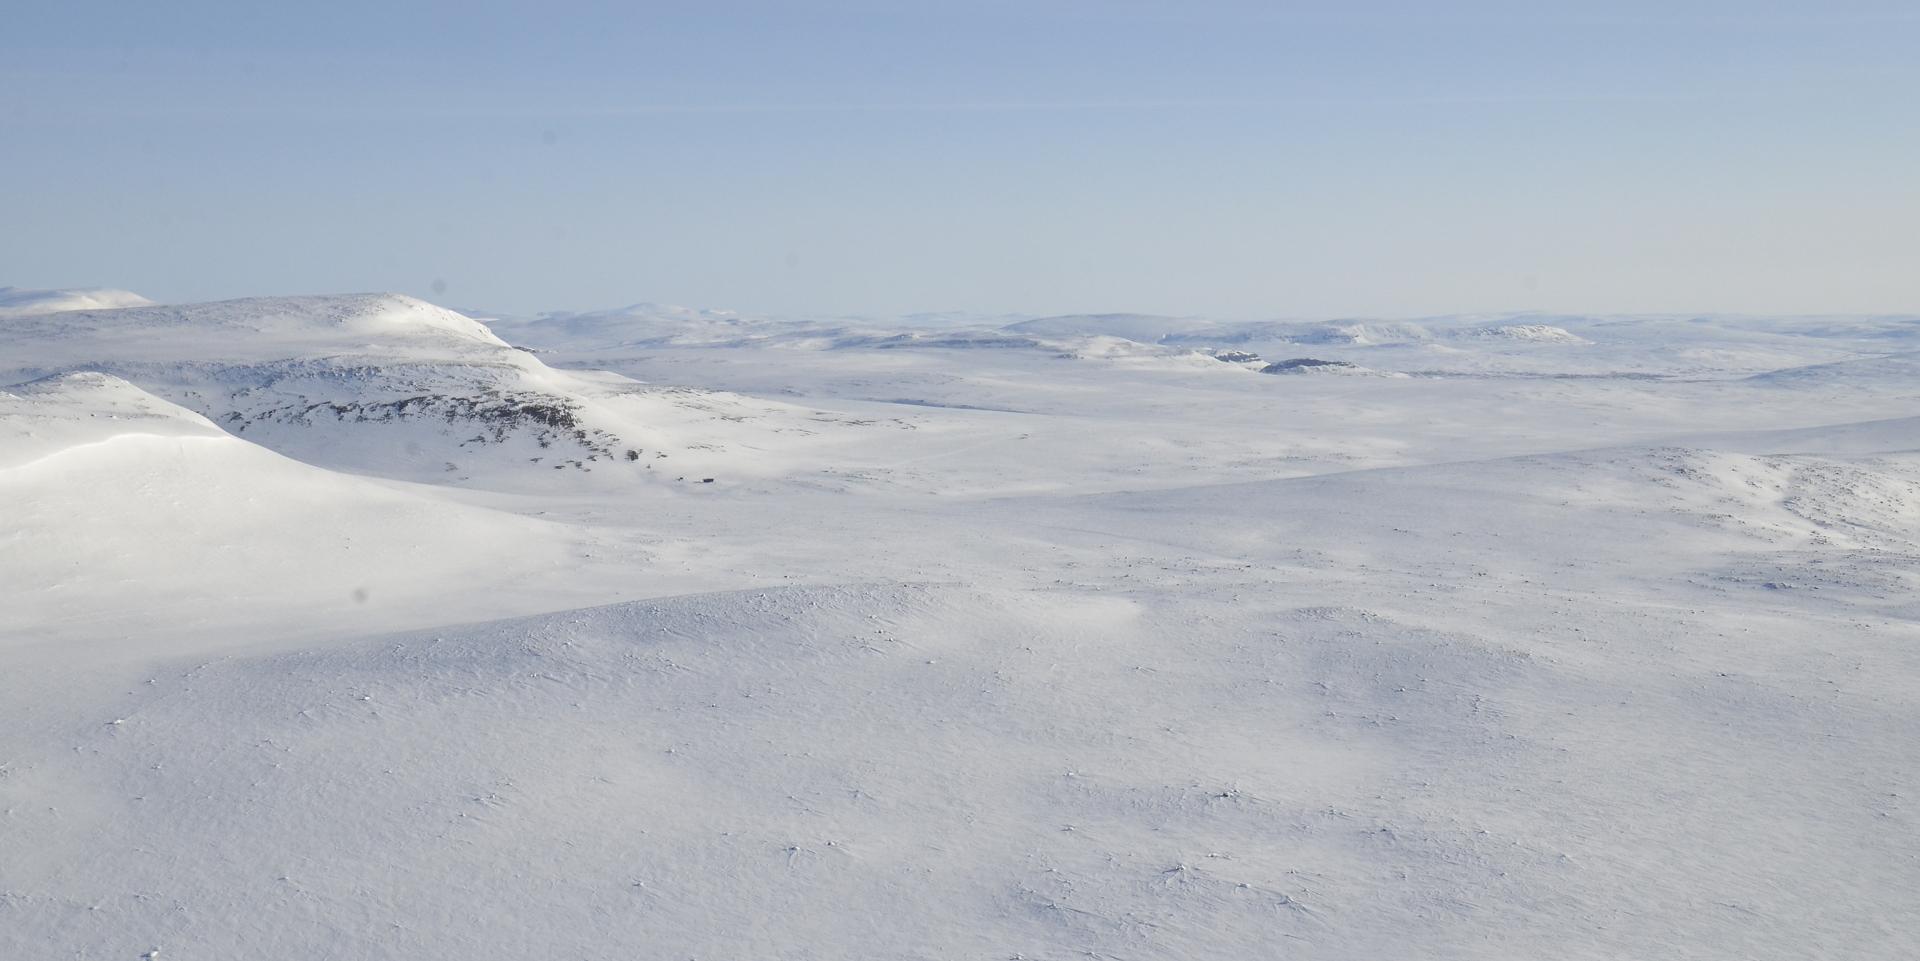 Kuvassa kauempana alkaa näkyä Meekon laakso, on vaikuttava paikka. Vasemmalla Guanjarvaggin huipun nokka.